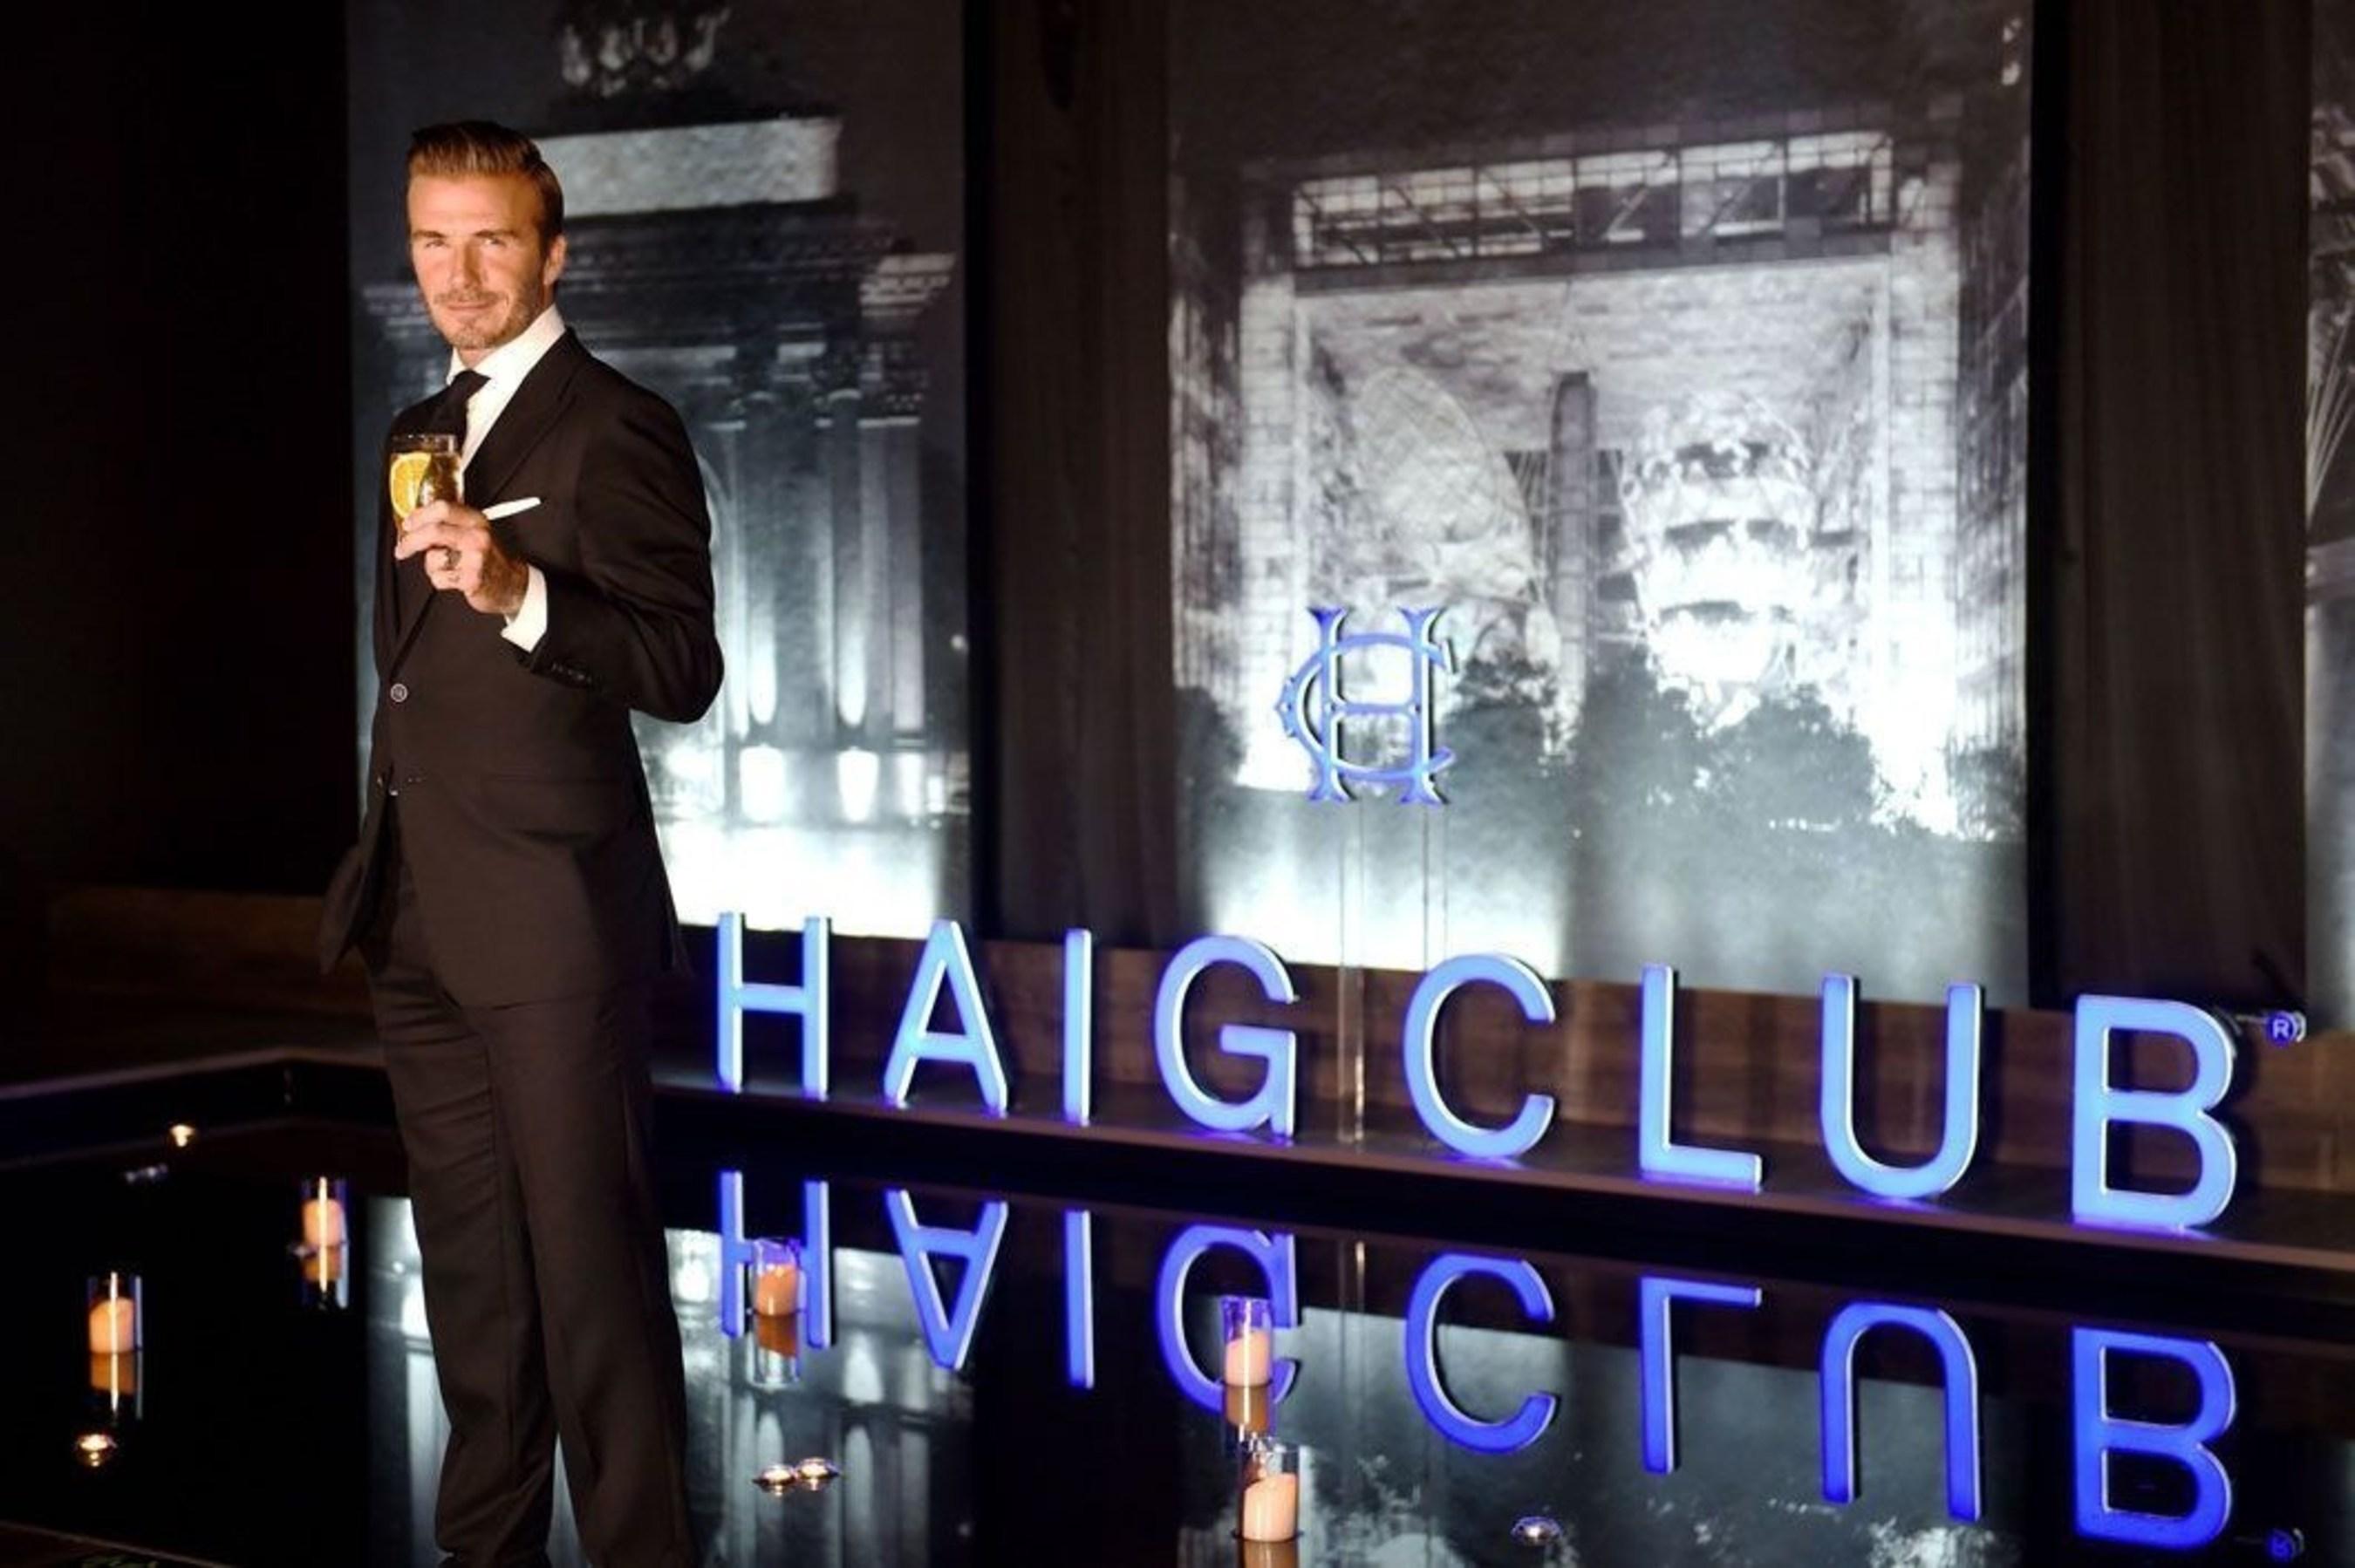 David Beckham at Haig Club Shanghai